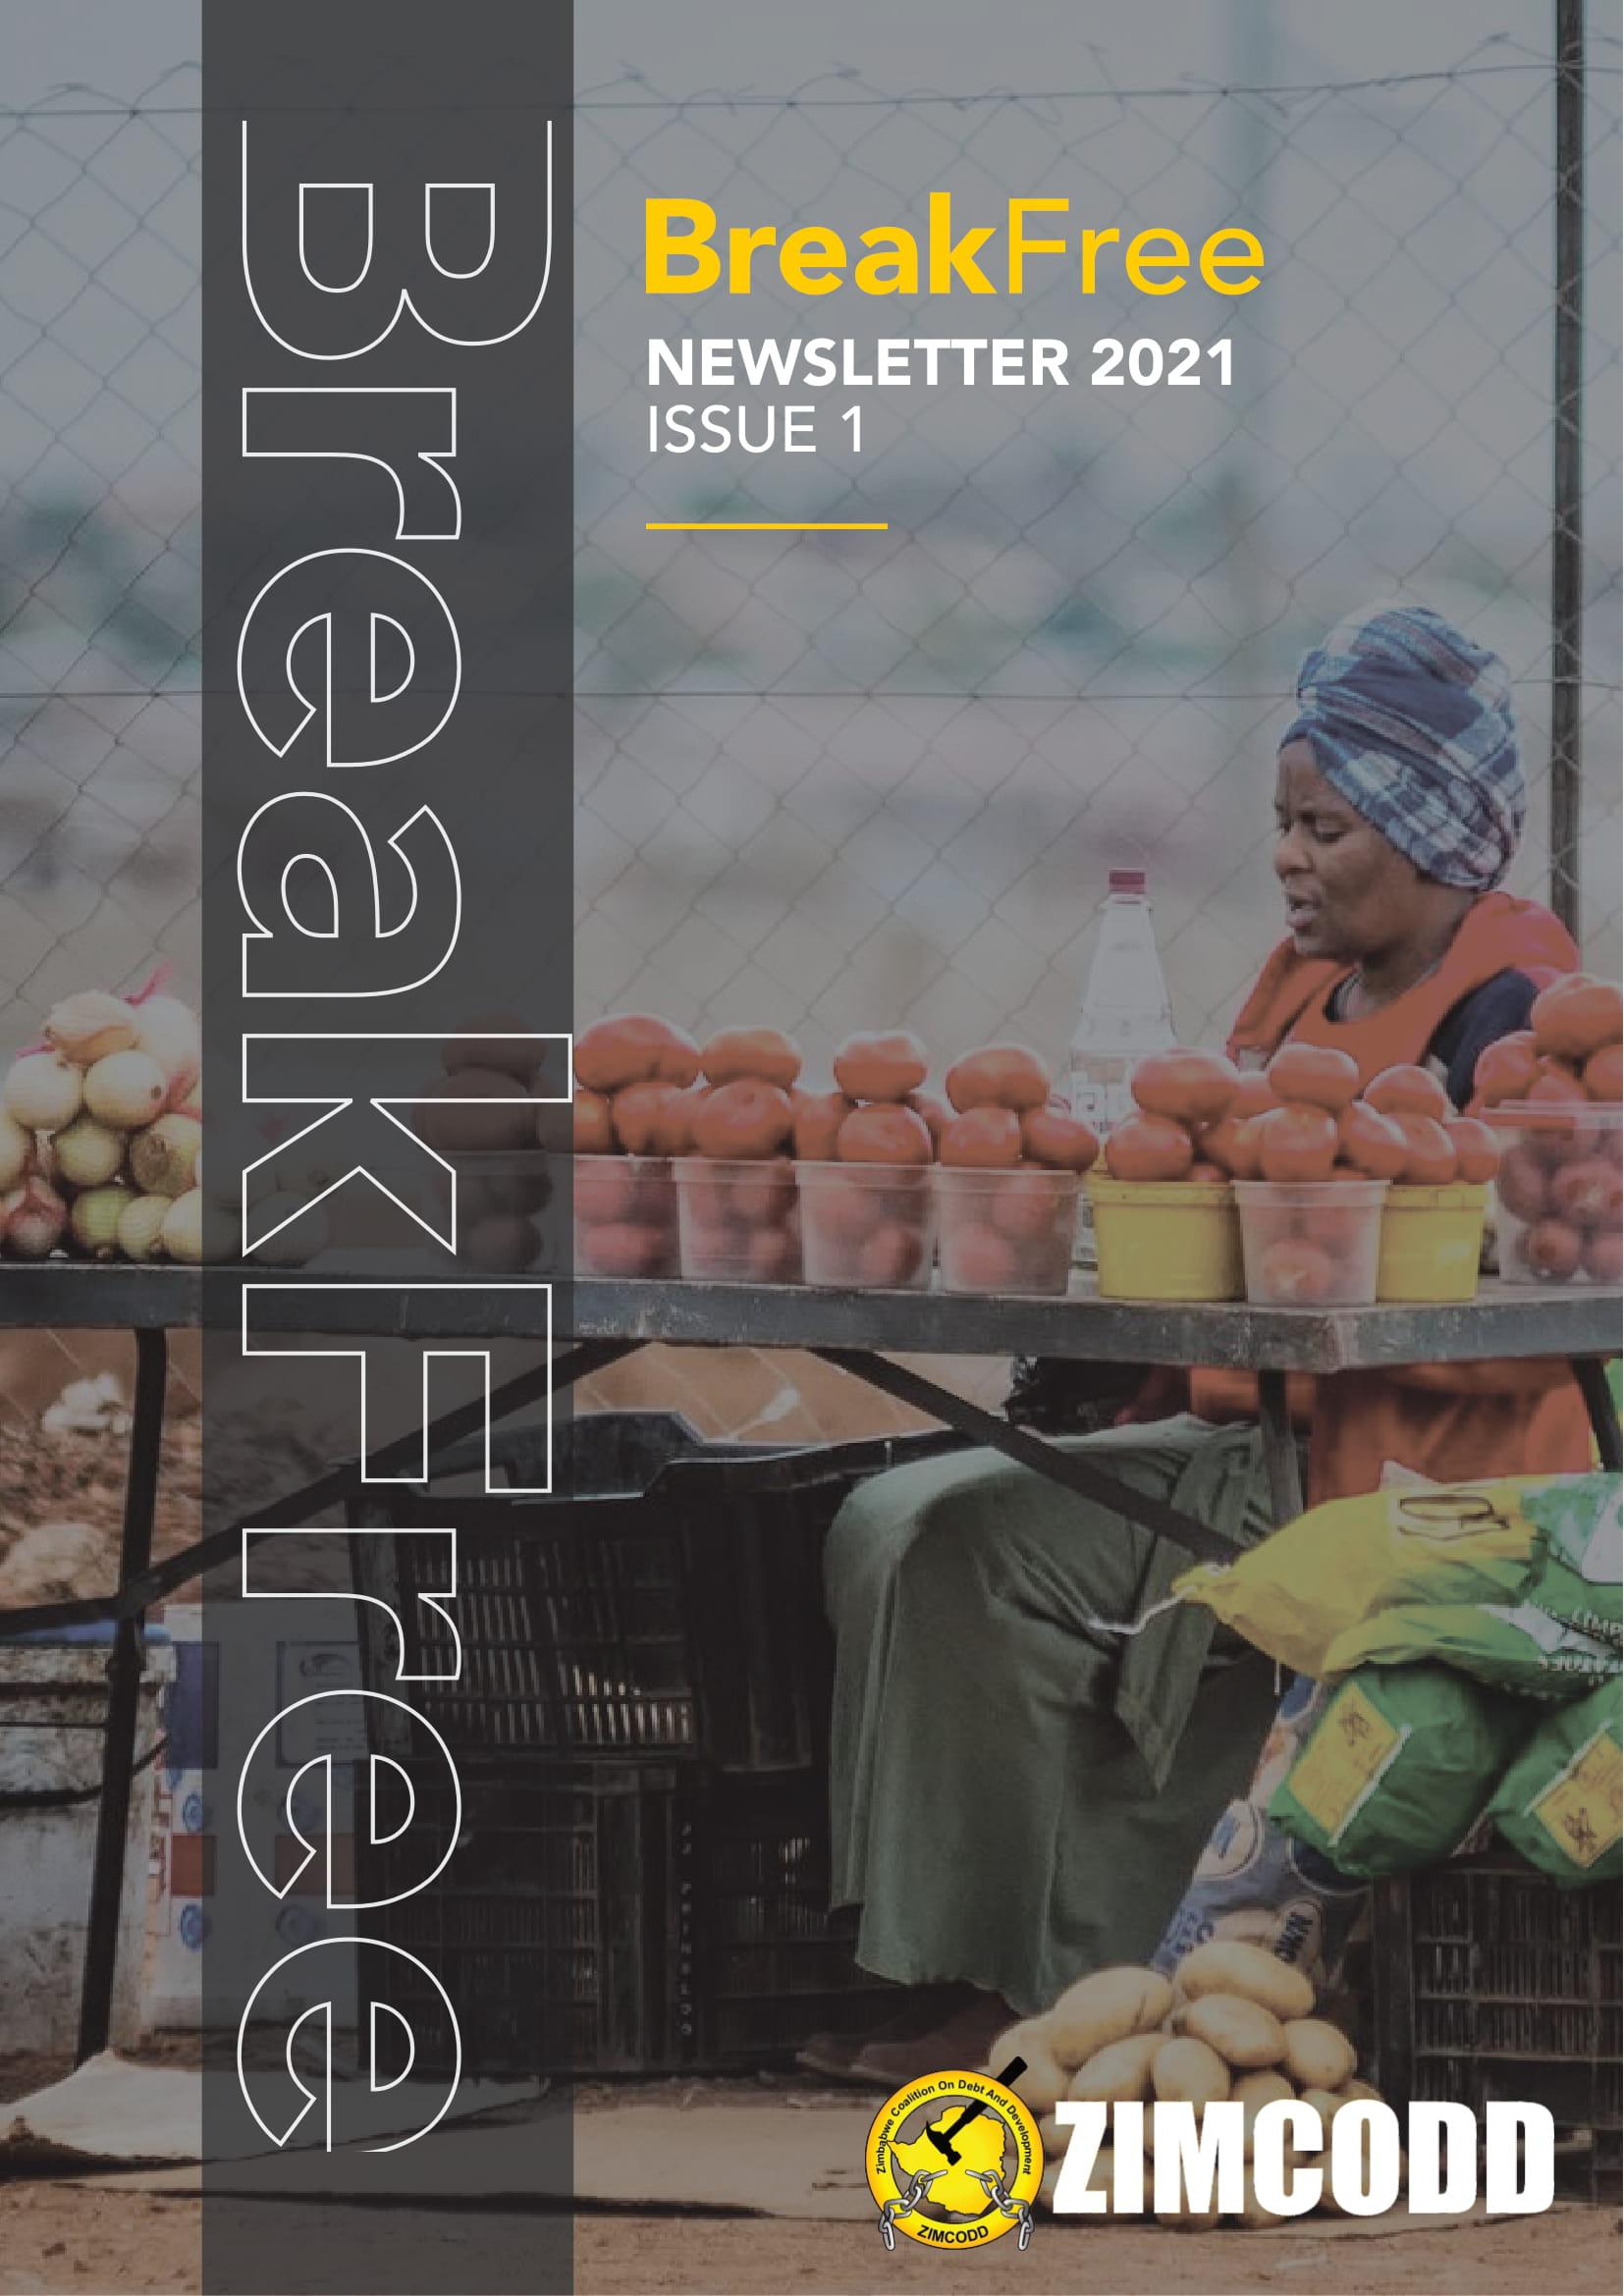 ZIMCODD Breakfree Newsletter Issue 1 – 2021-01